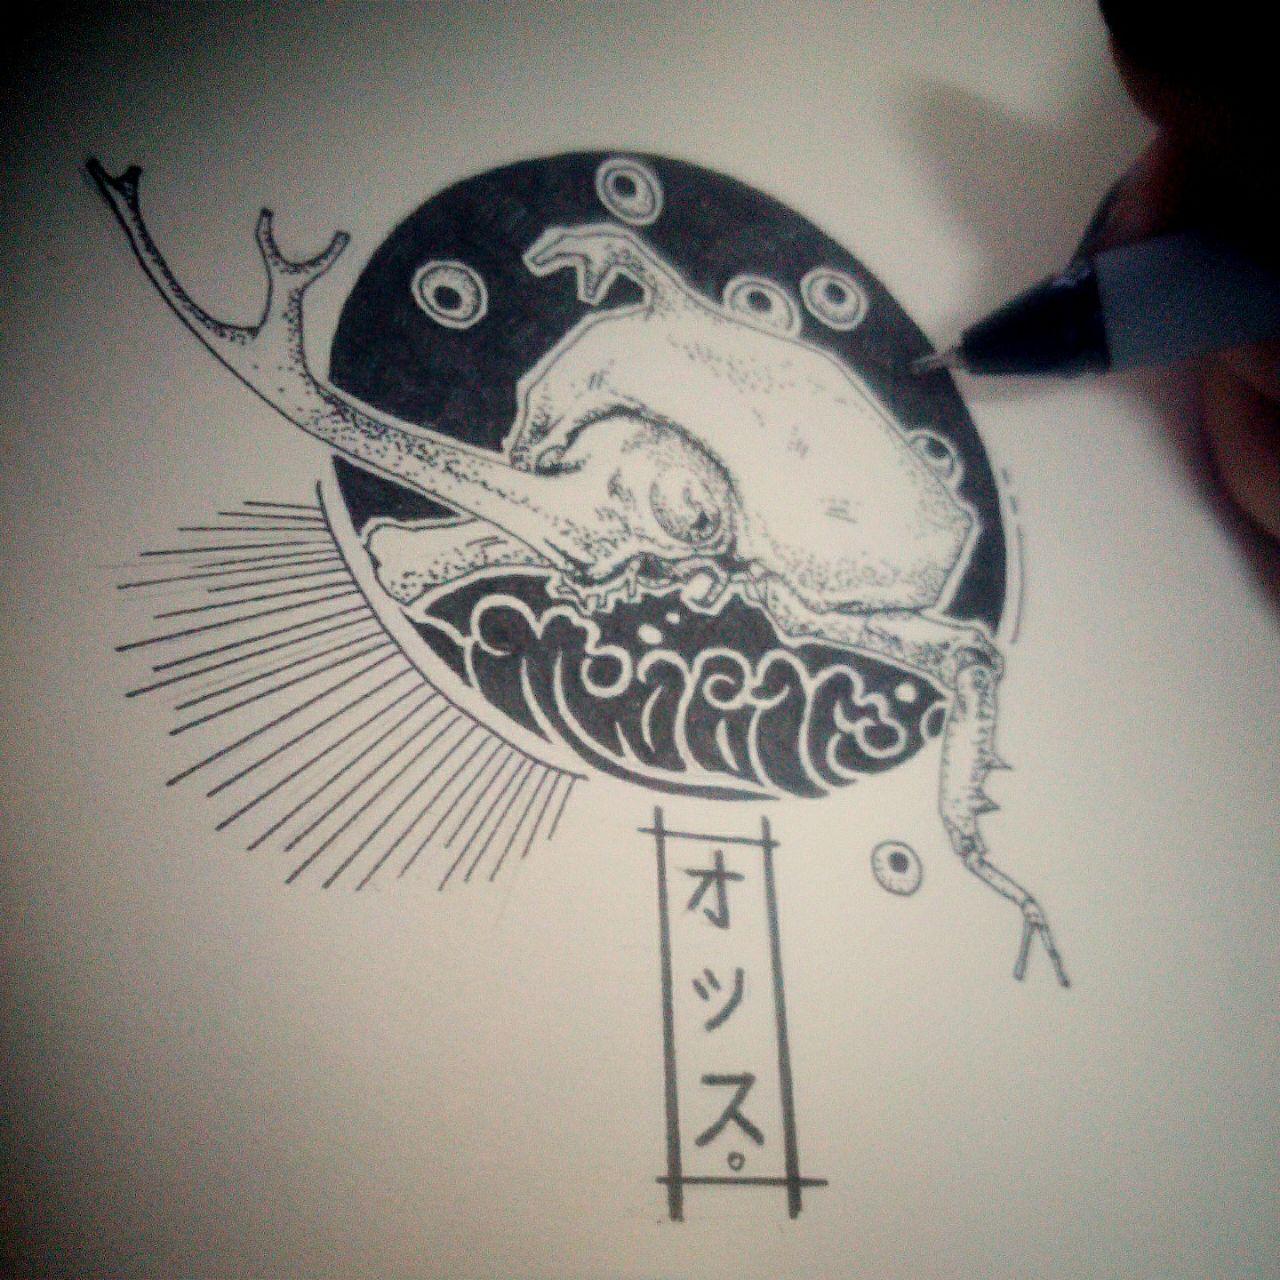 本意是想画来纹身的图,鉴于妈妈会打断腿计划还是胎死